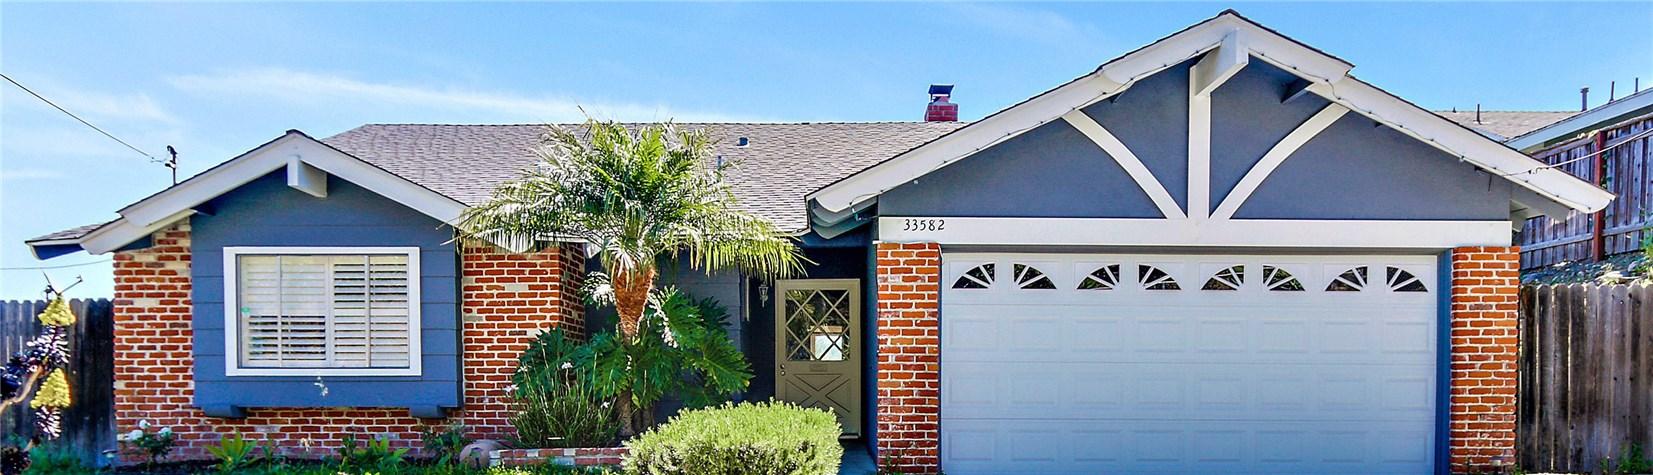 Photo of 33582 Palo Alto Street, Dana Point, CA 92629